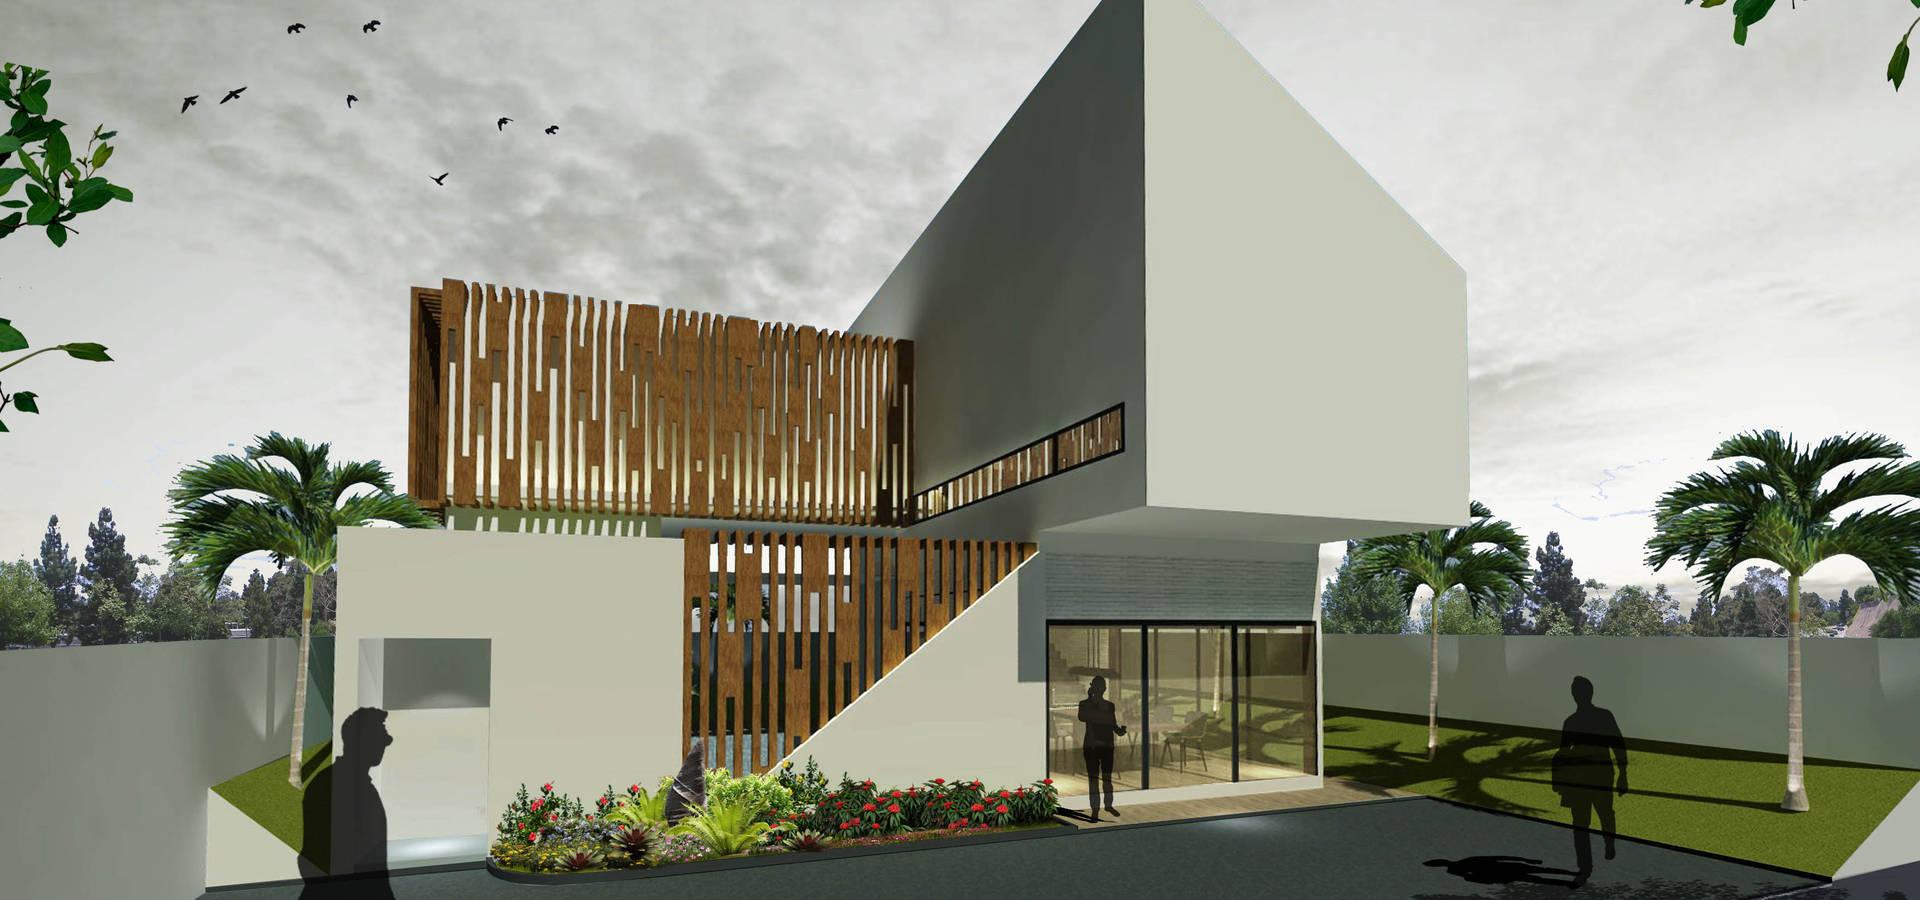 Fourhoms Design